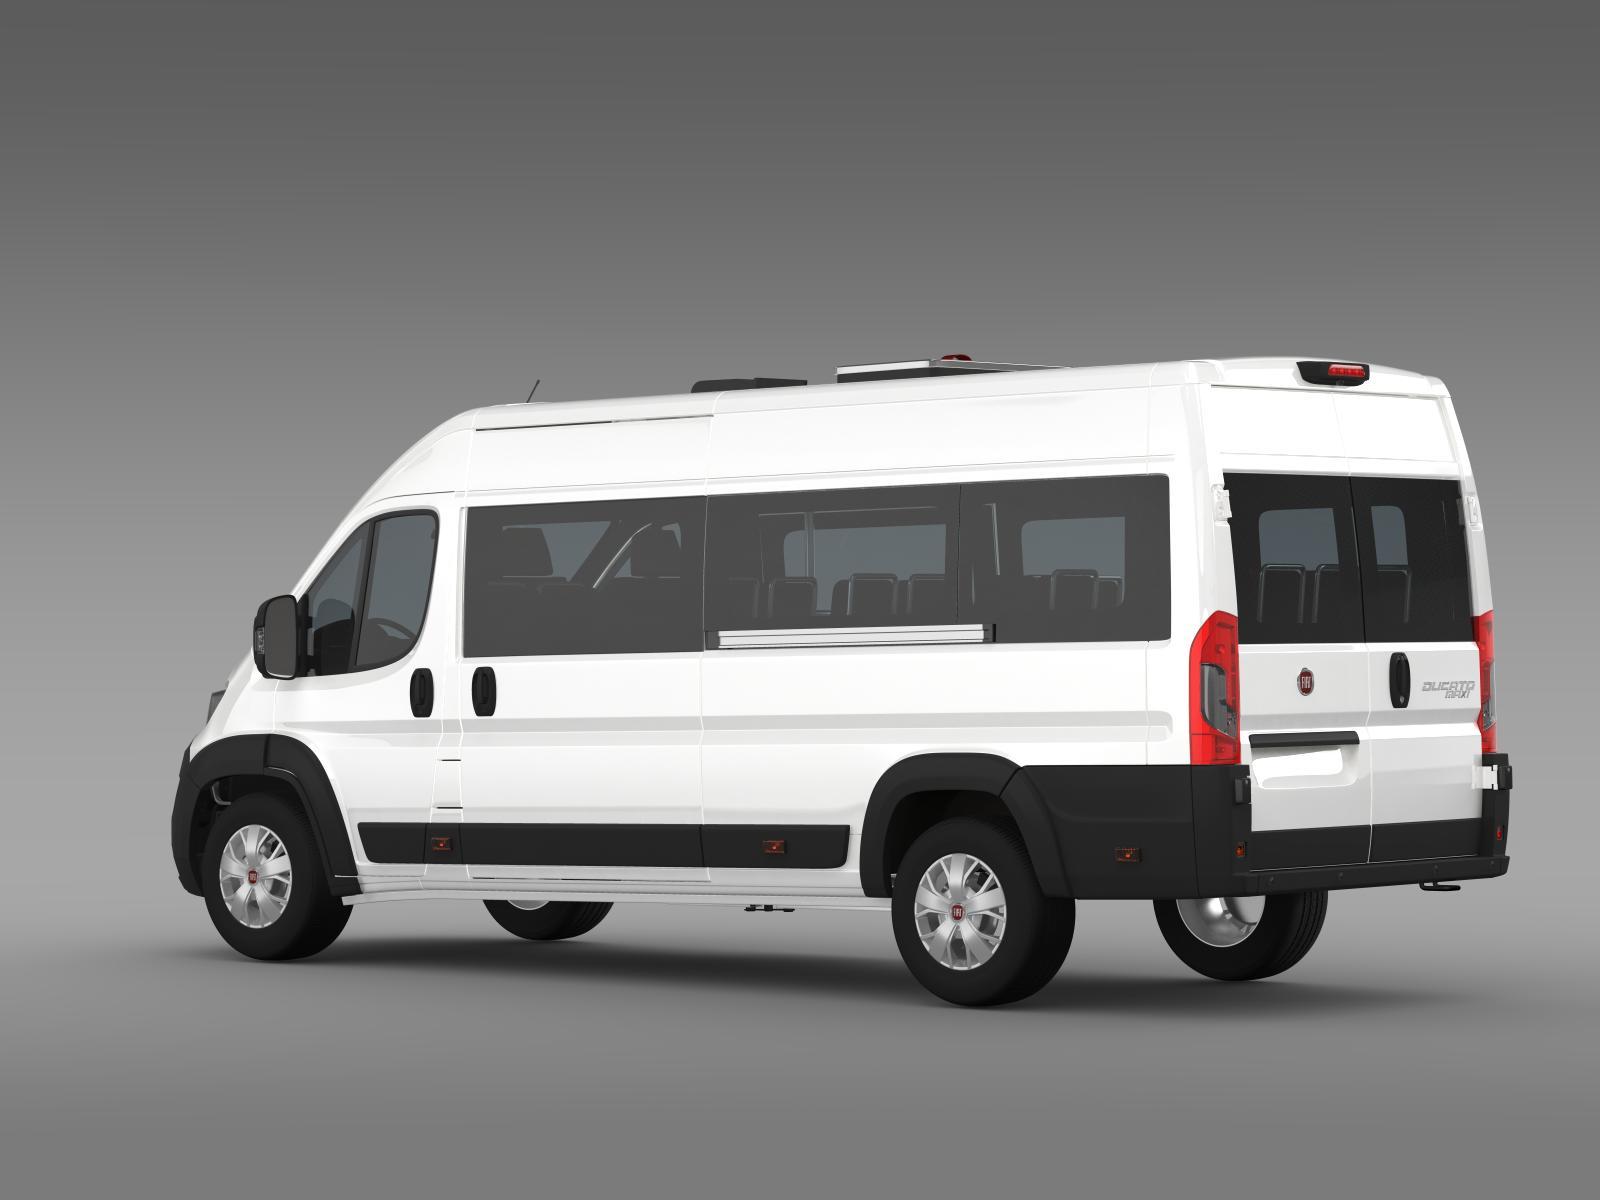 fiat ducato scuolabus 2015 3d model buy fiat ducato. Black Bedroom Furniture Sets. Home Design Ideas